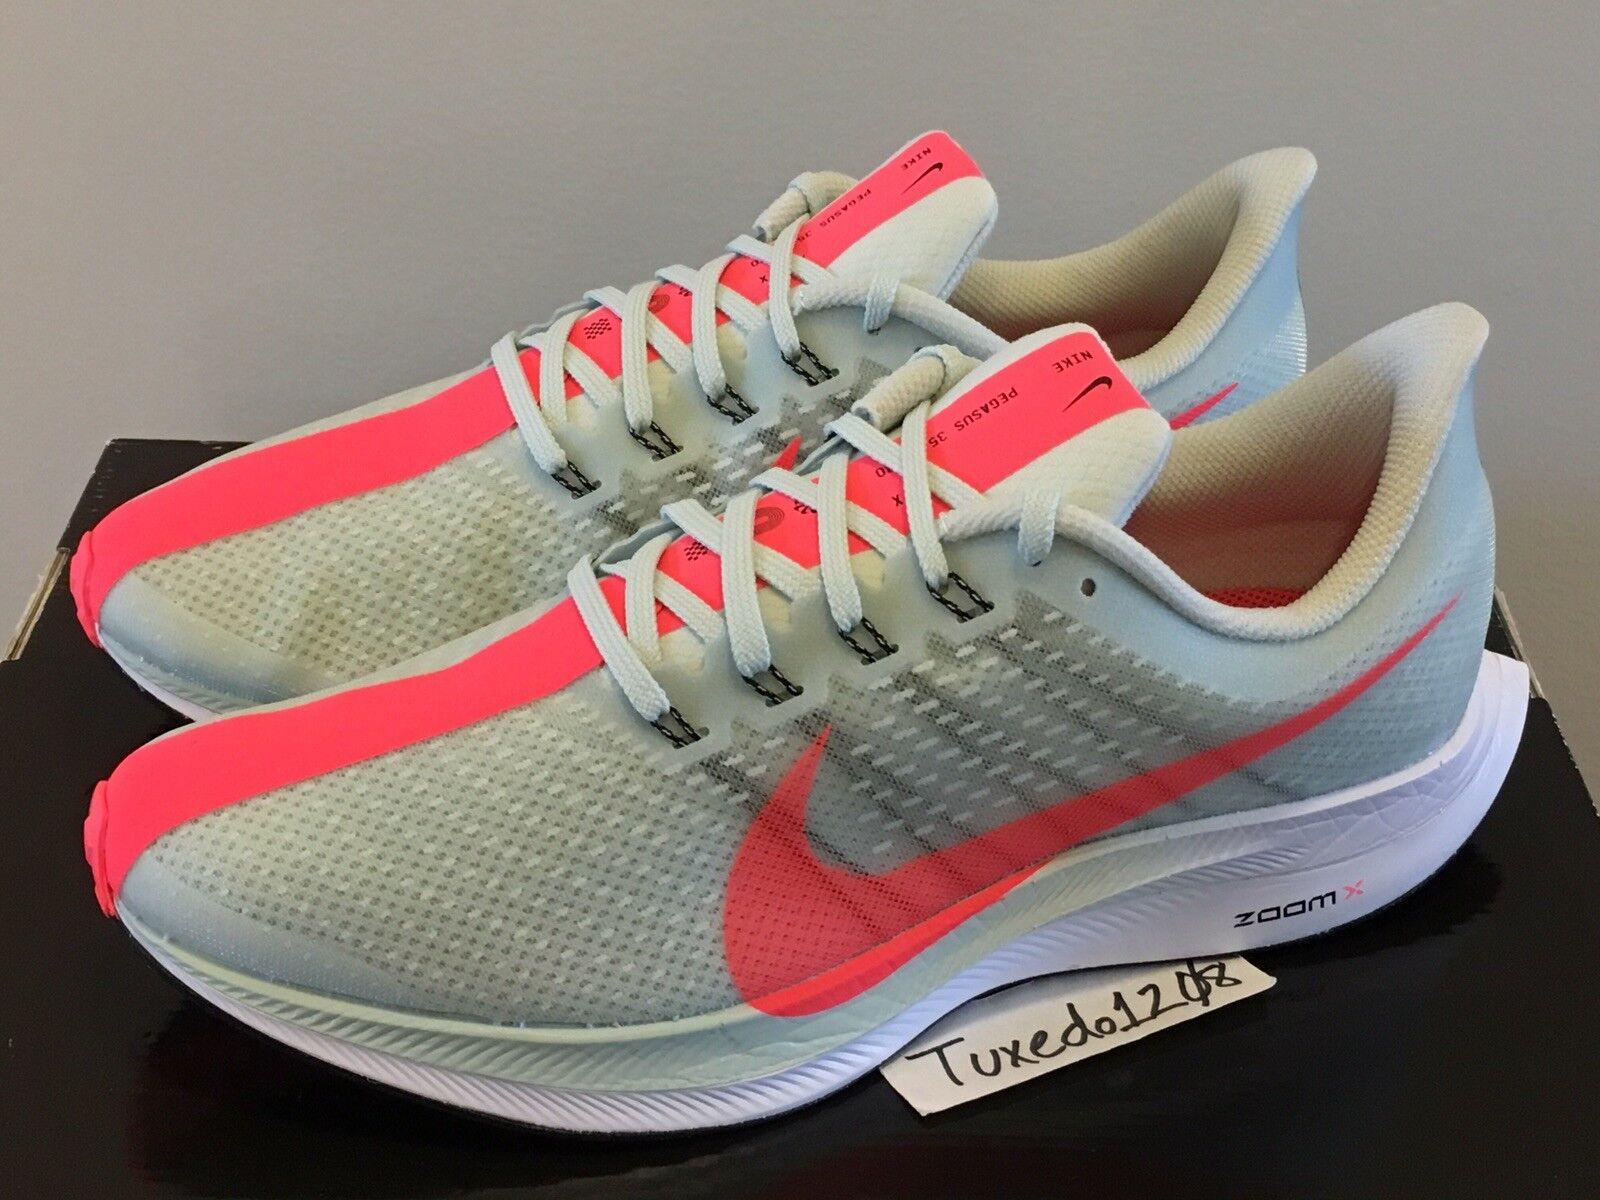 DS Nike Zoom 35 Pegasus 35 Zoom Turbo sz10 Barely Grey react 1 87 90 97 max AJ4114 060 1dcbdd